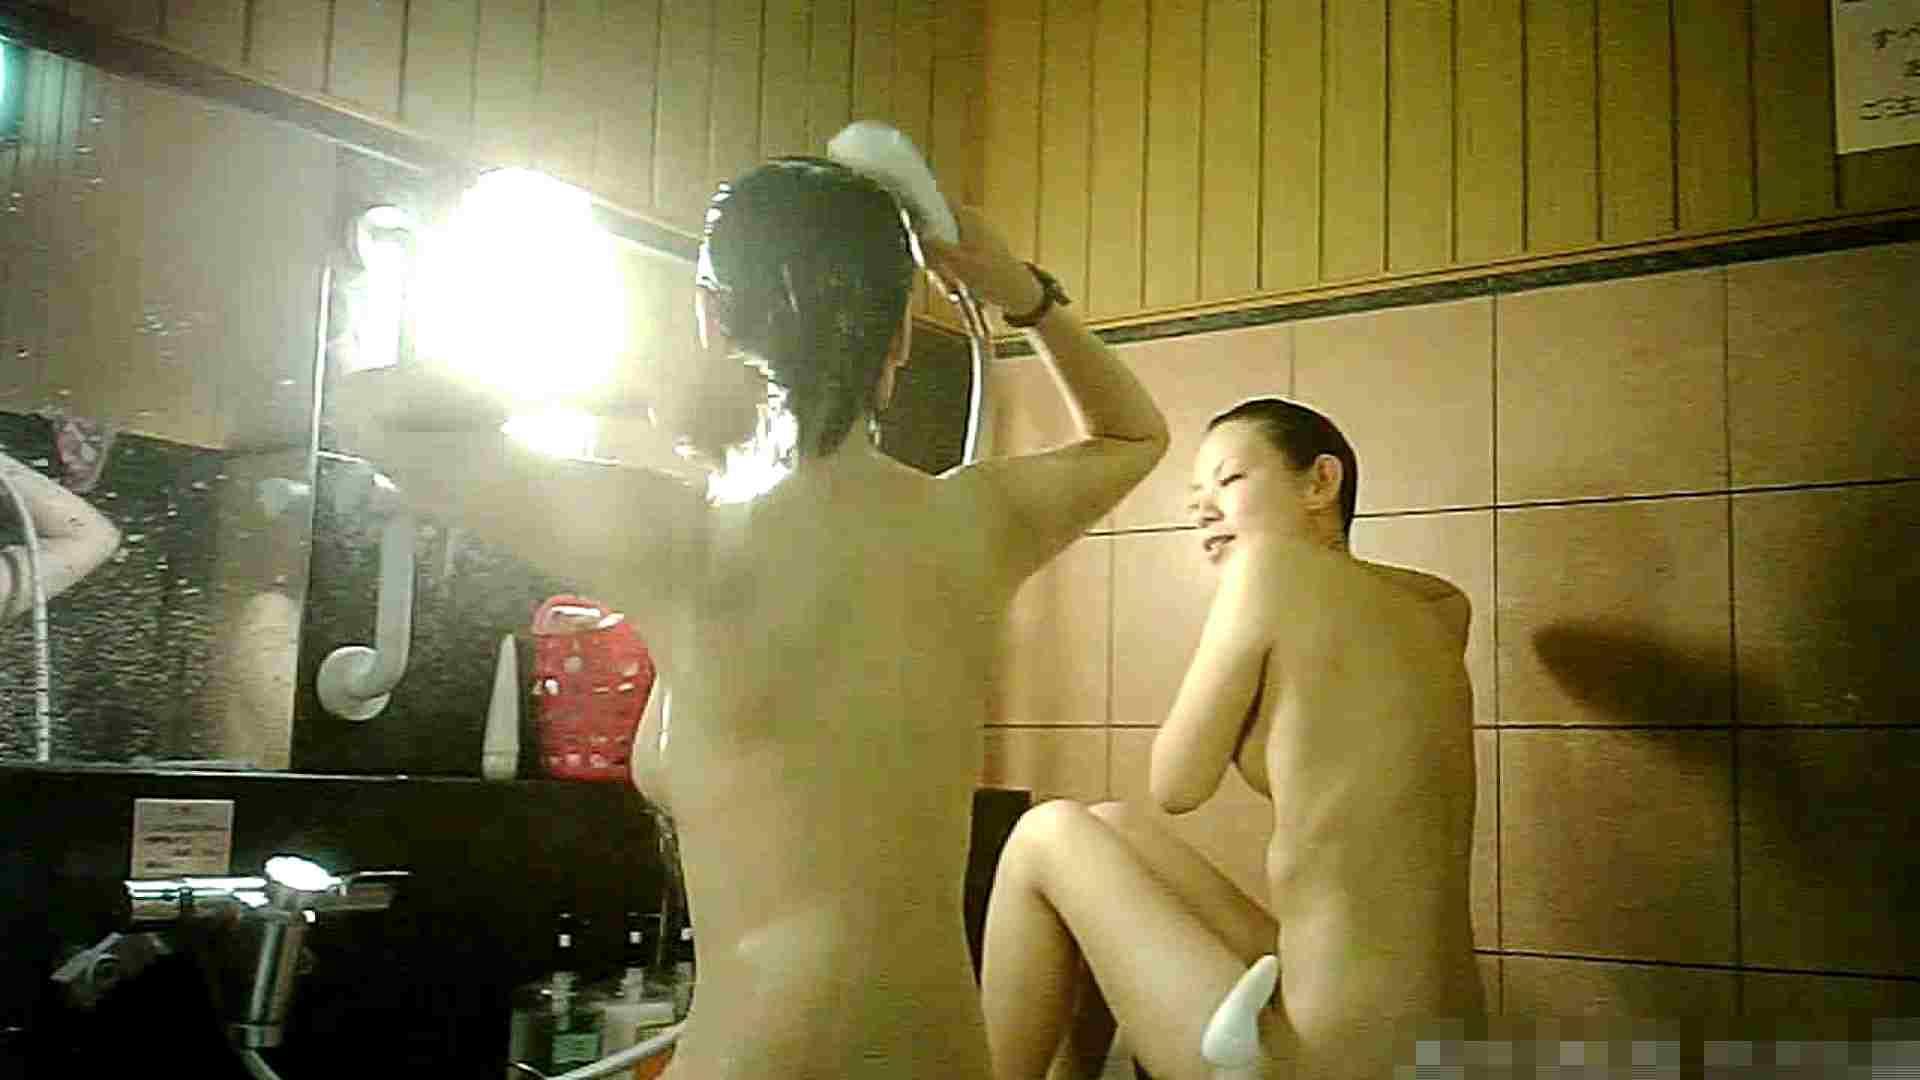 オマンコ丸見え:Vol.55 洗い場!2人の横乳をご堪能ください。:怪盗ジョーカー